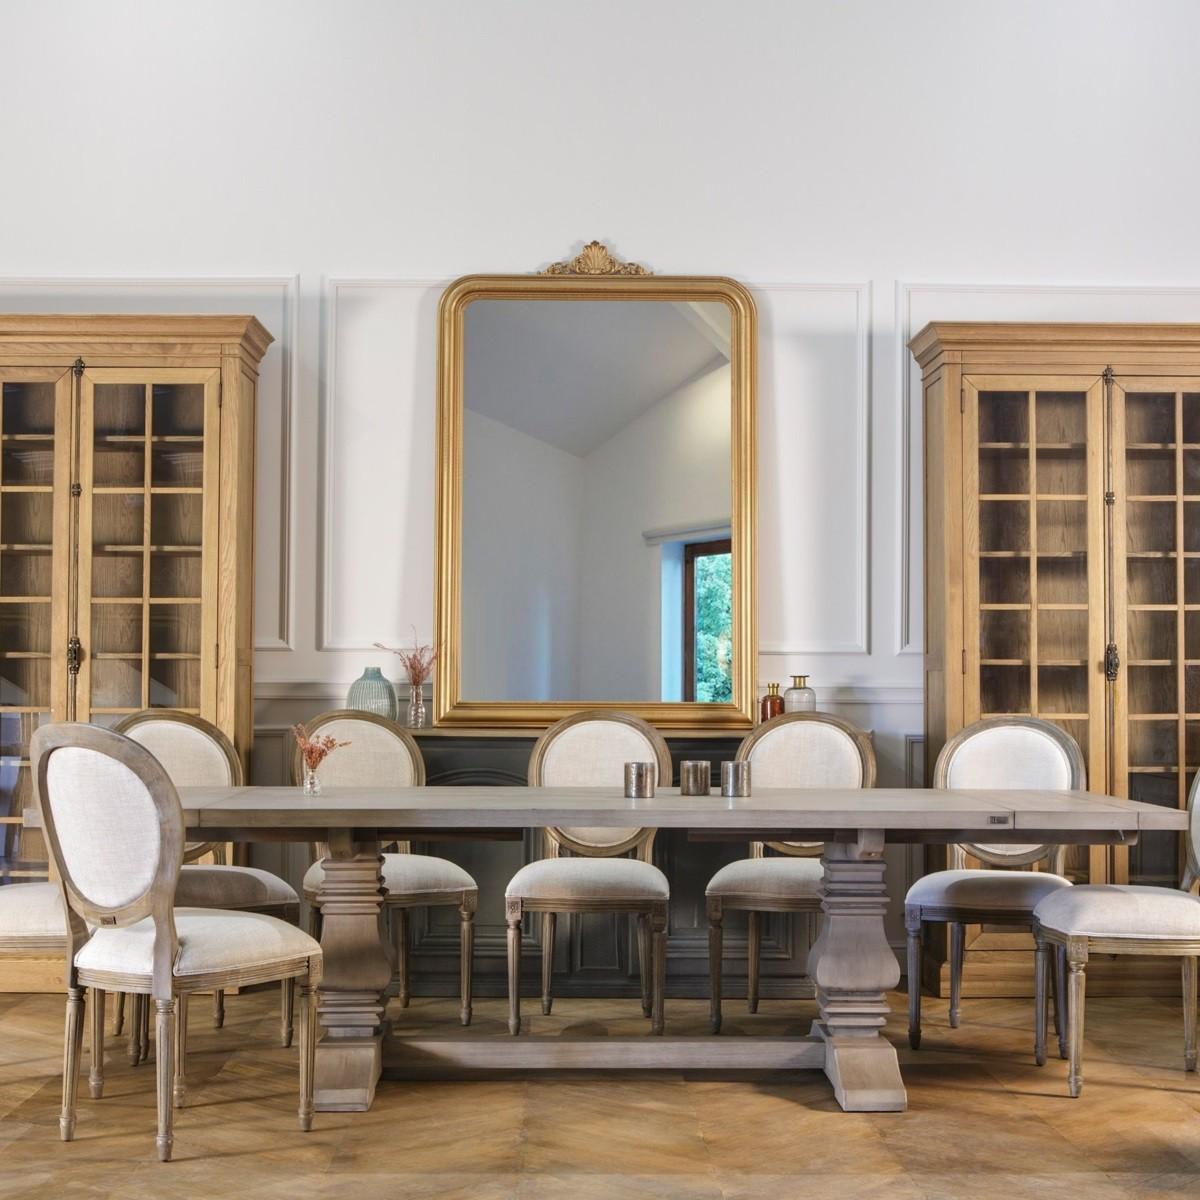 CouvertsBois Table Penelope10 14 Massif À Monastère Rallonges dCoeWrxB